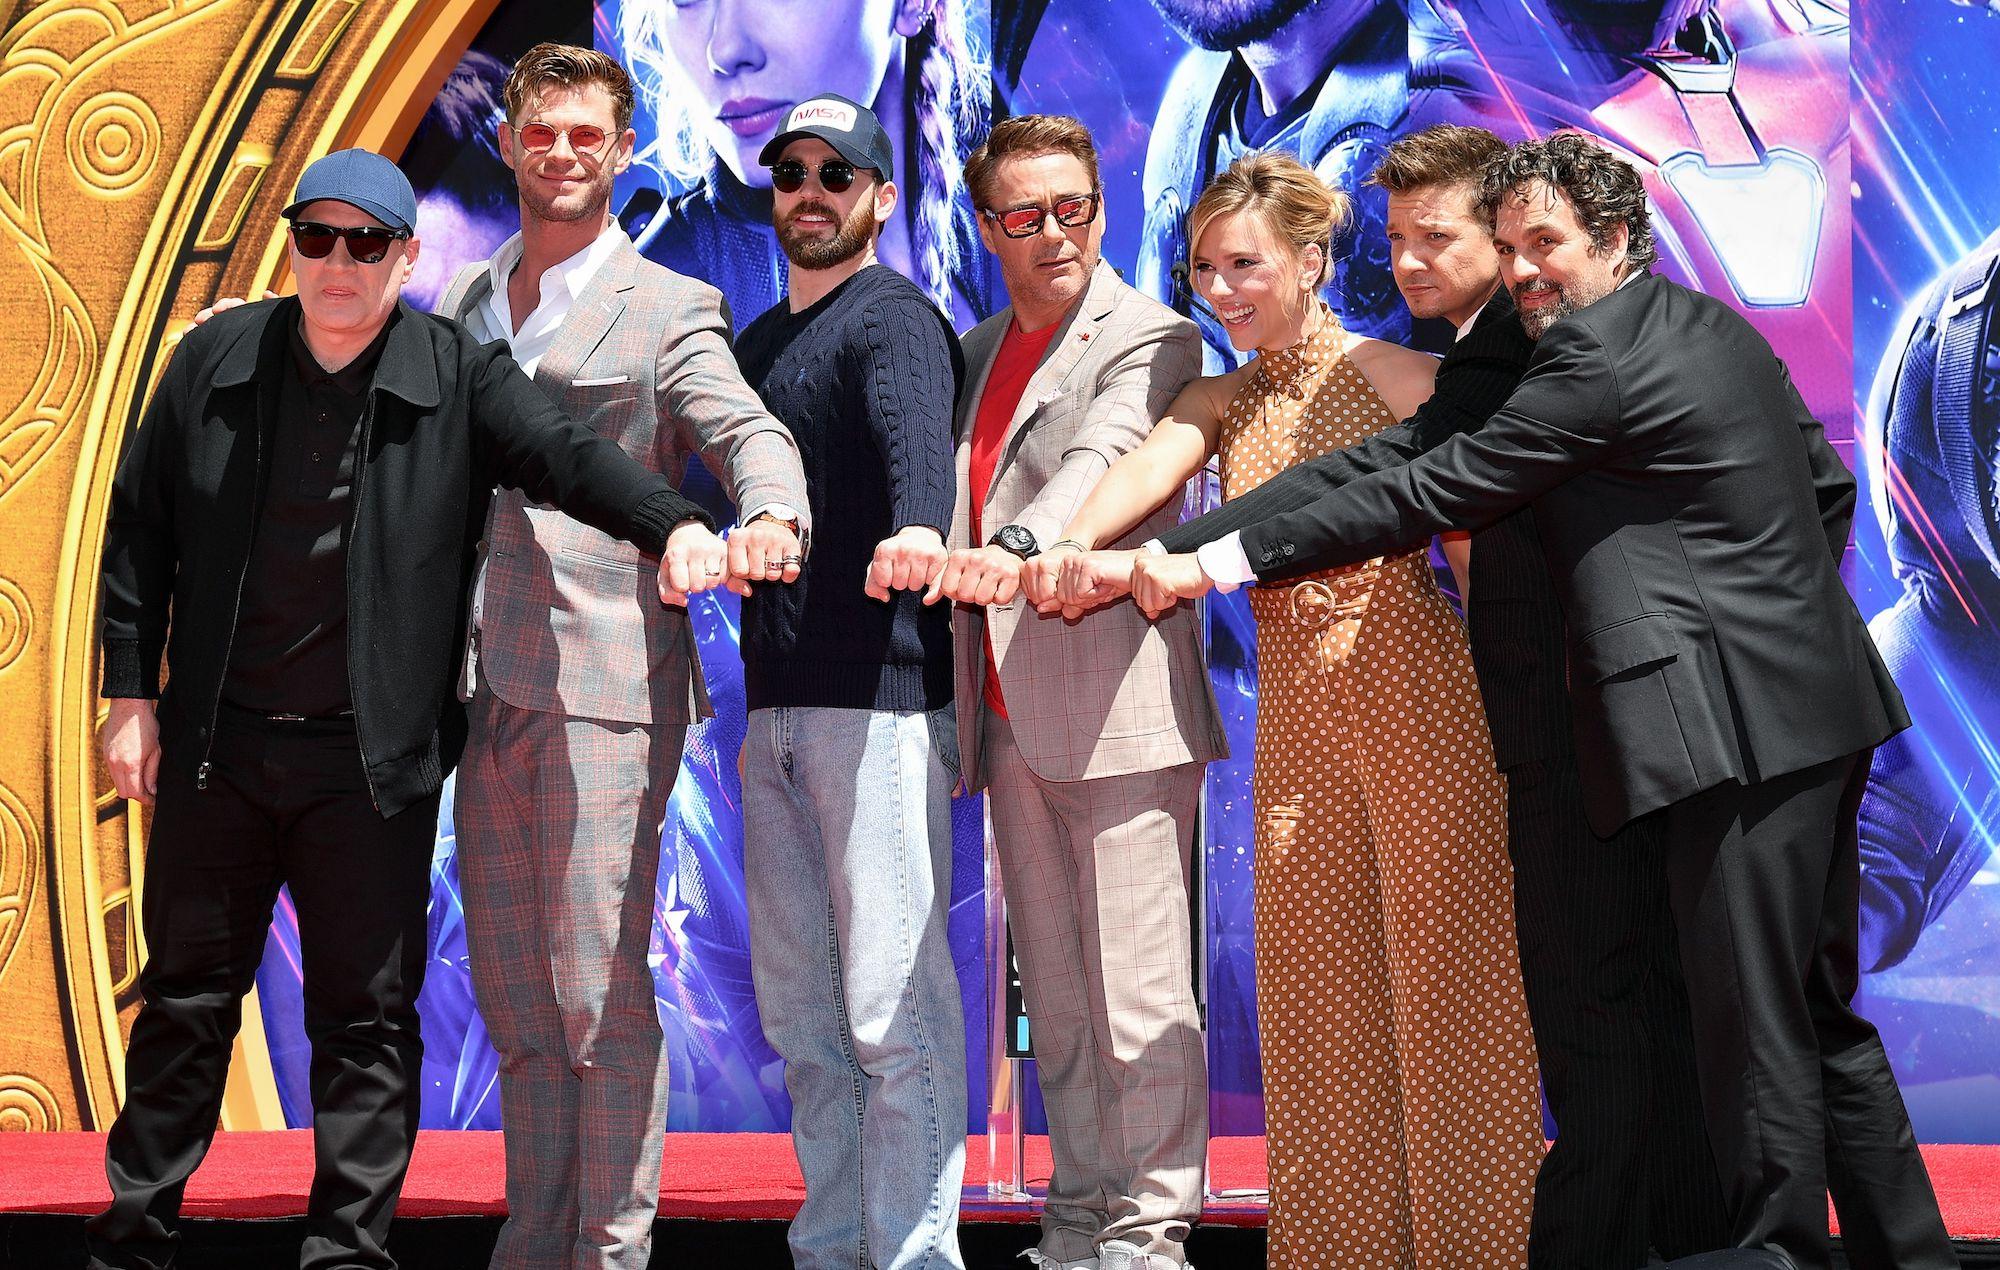 Chris Evans e o elenco de The Avengers